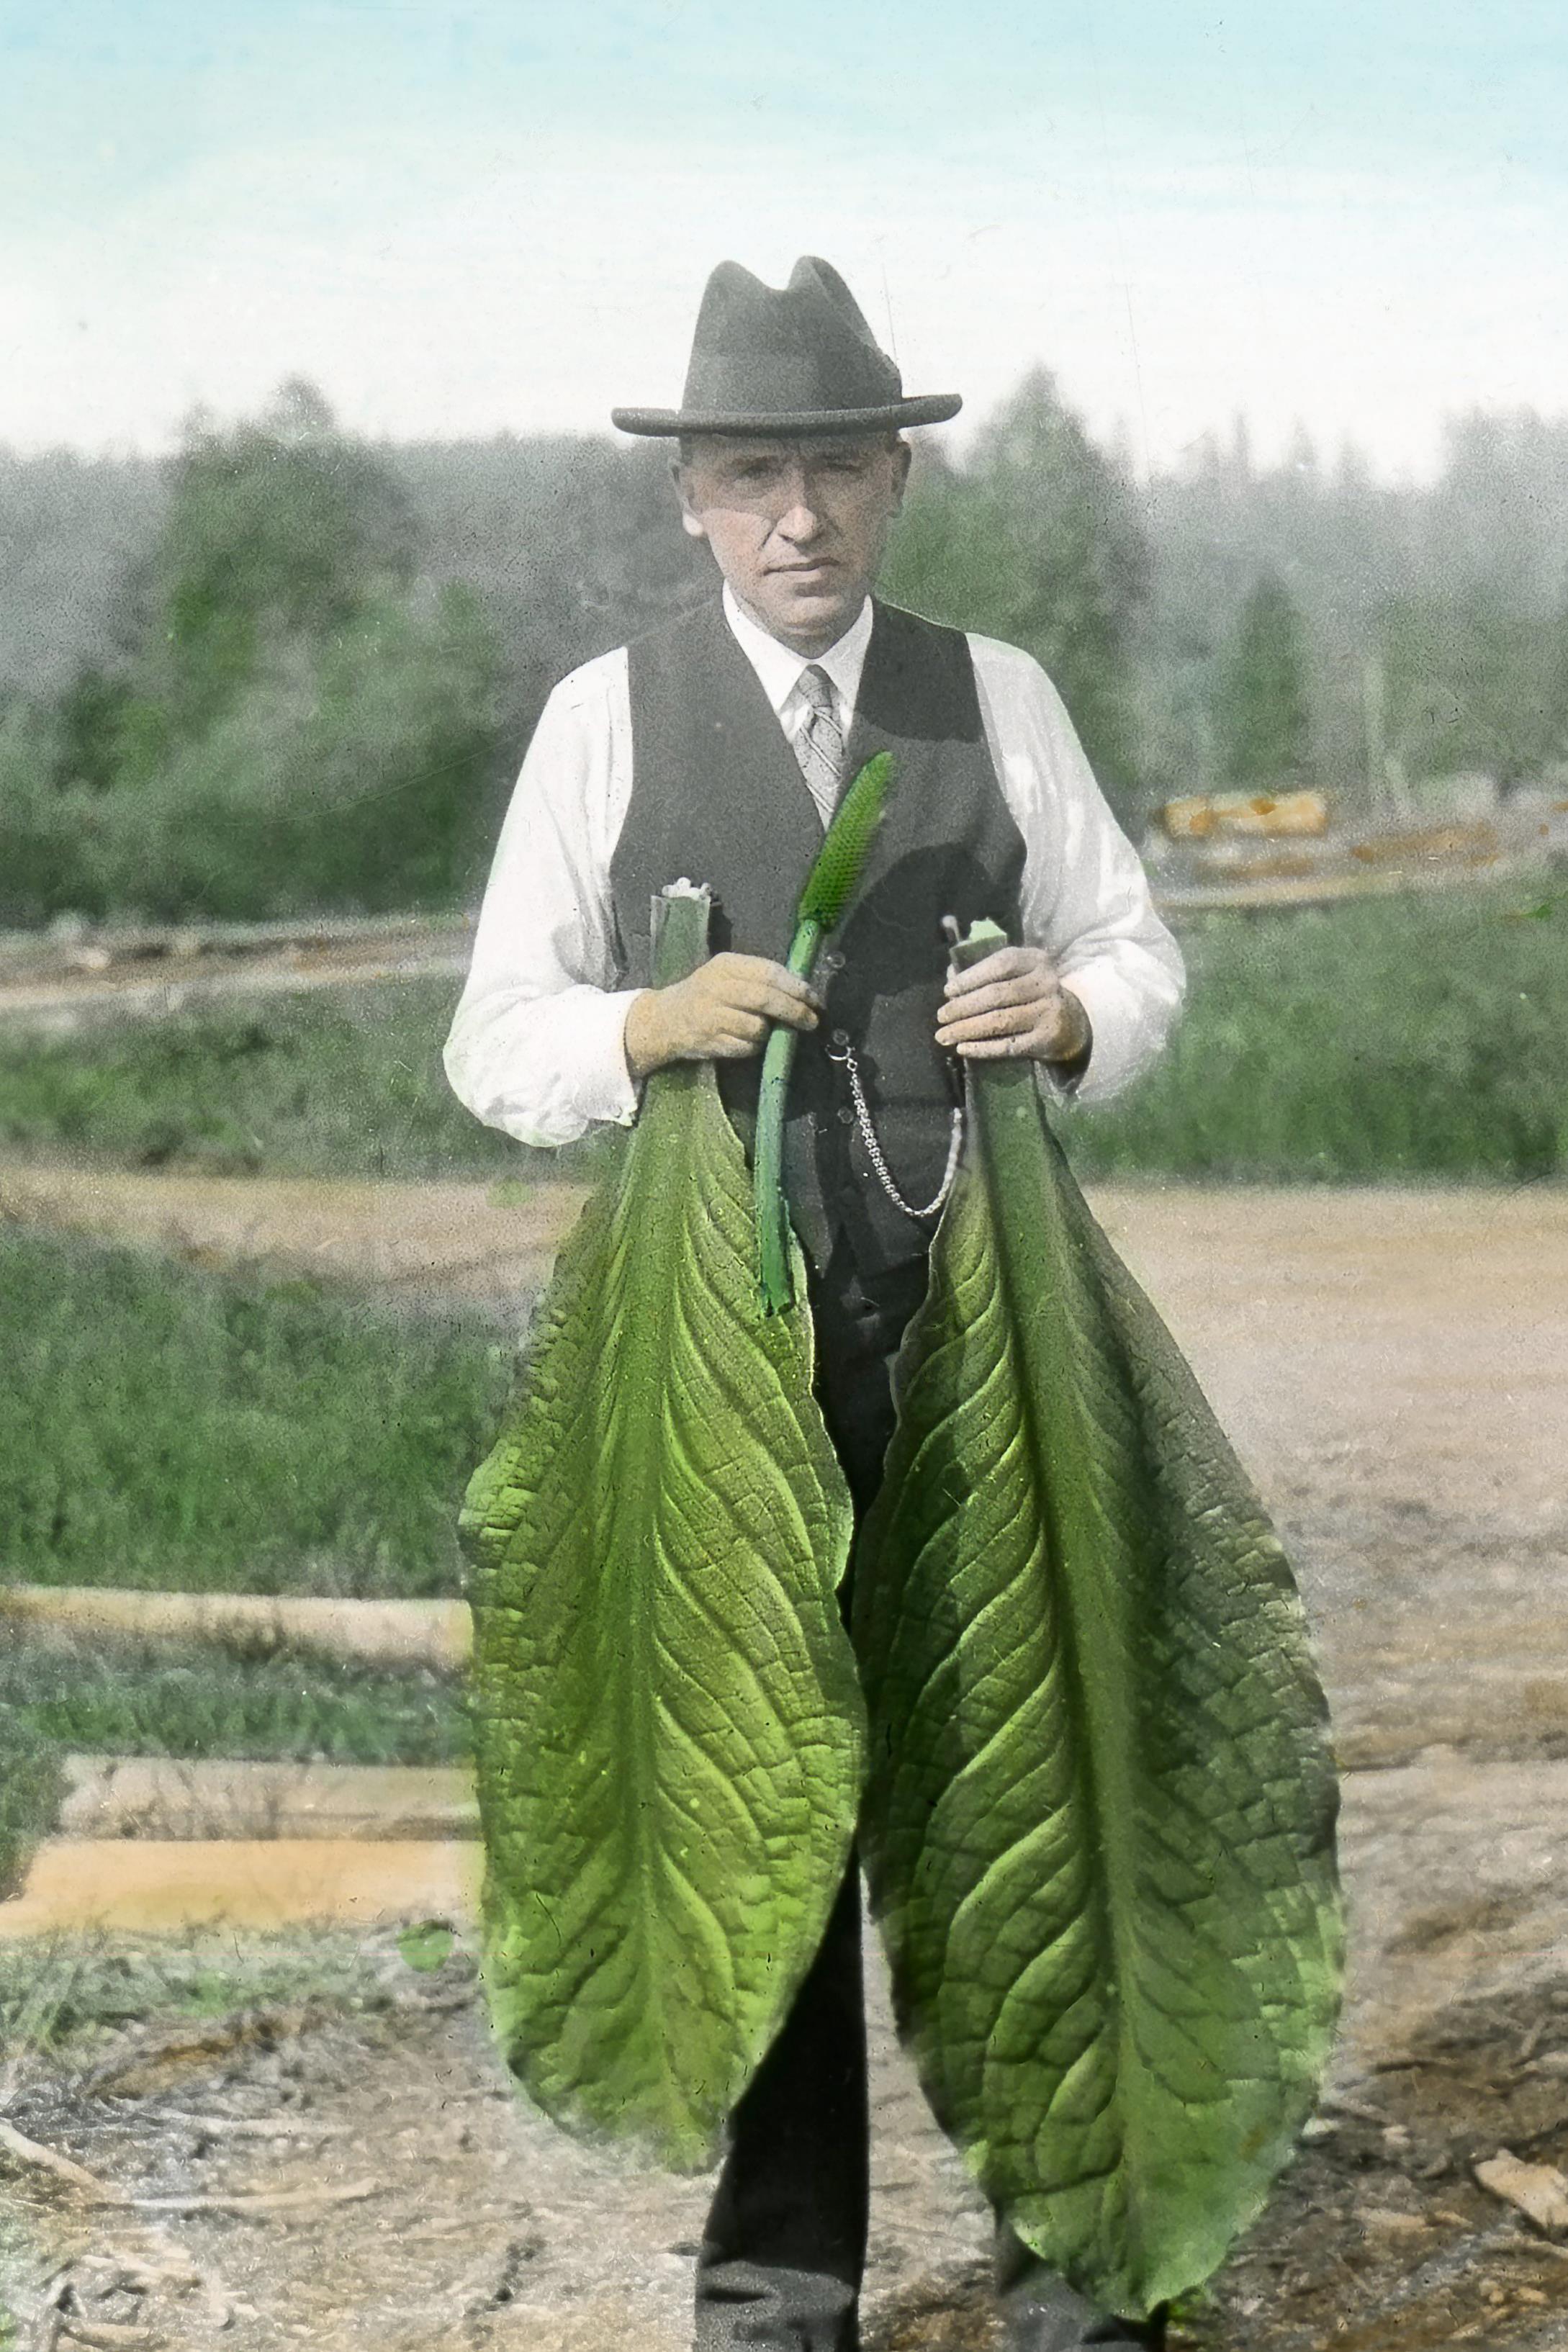 Le frère Marie-Victorin avec des feuilles de lysichiton d'Amérique (1933)